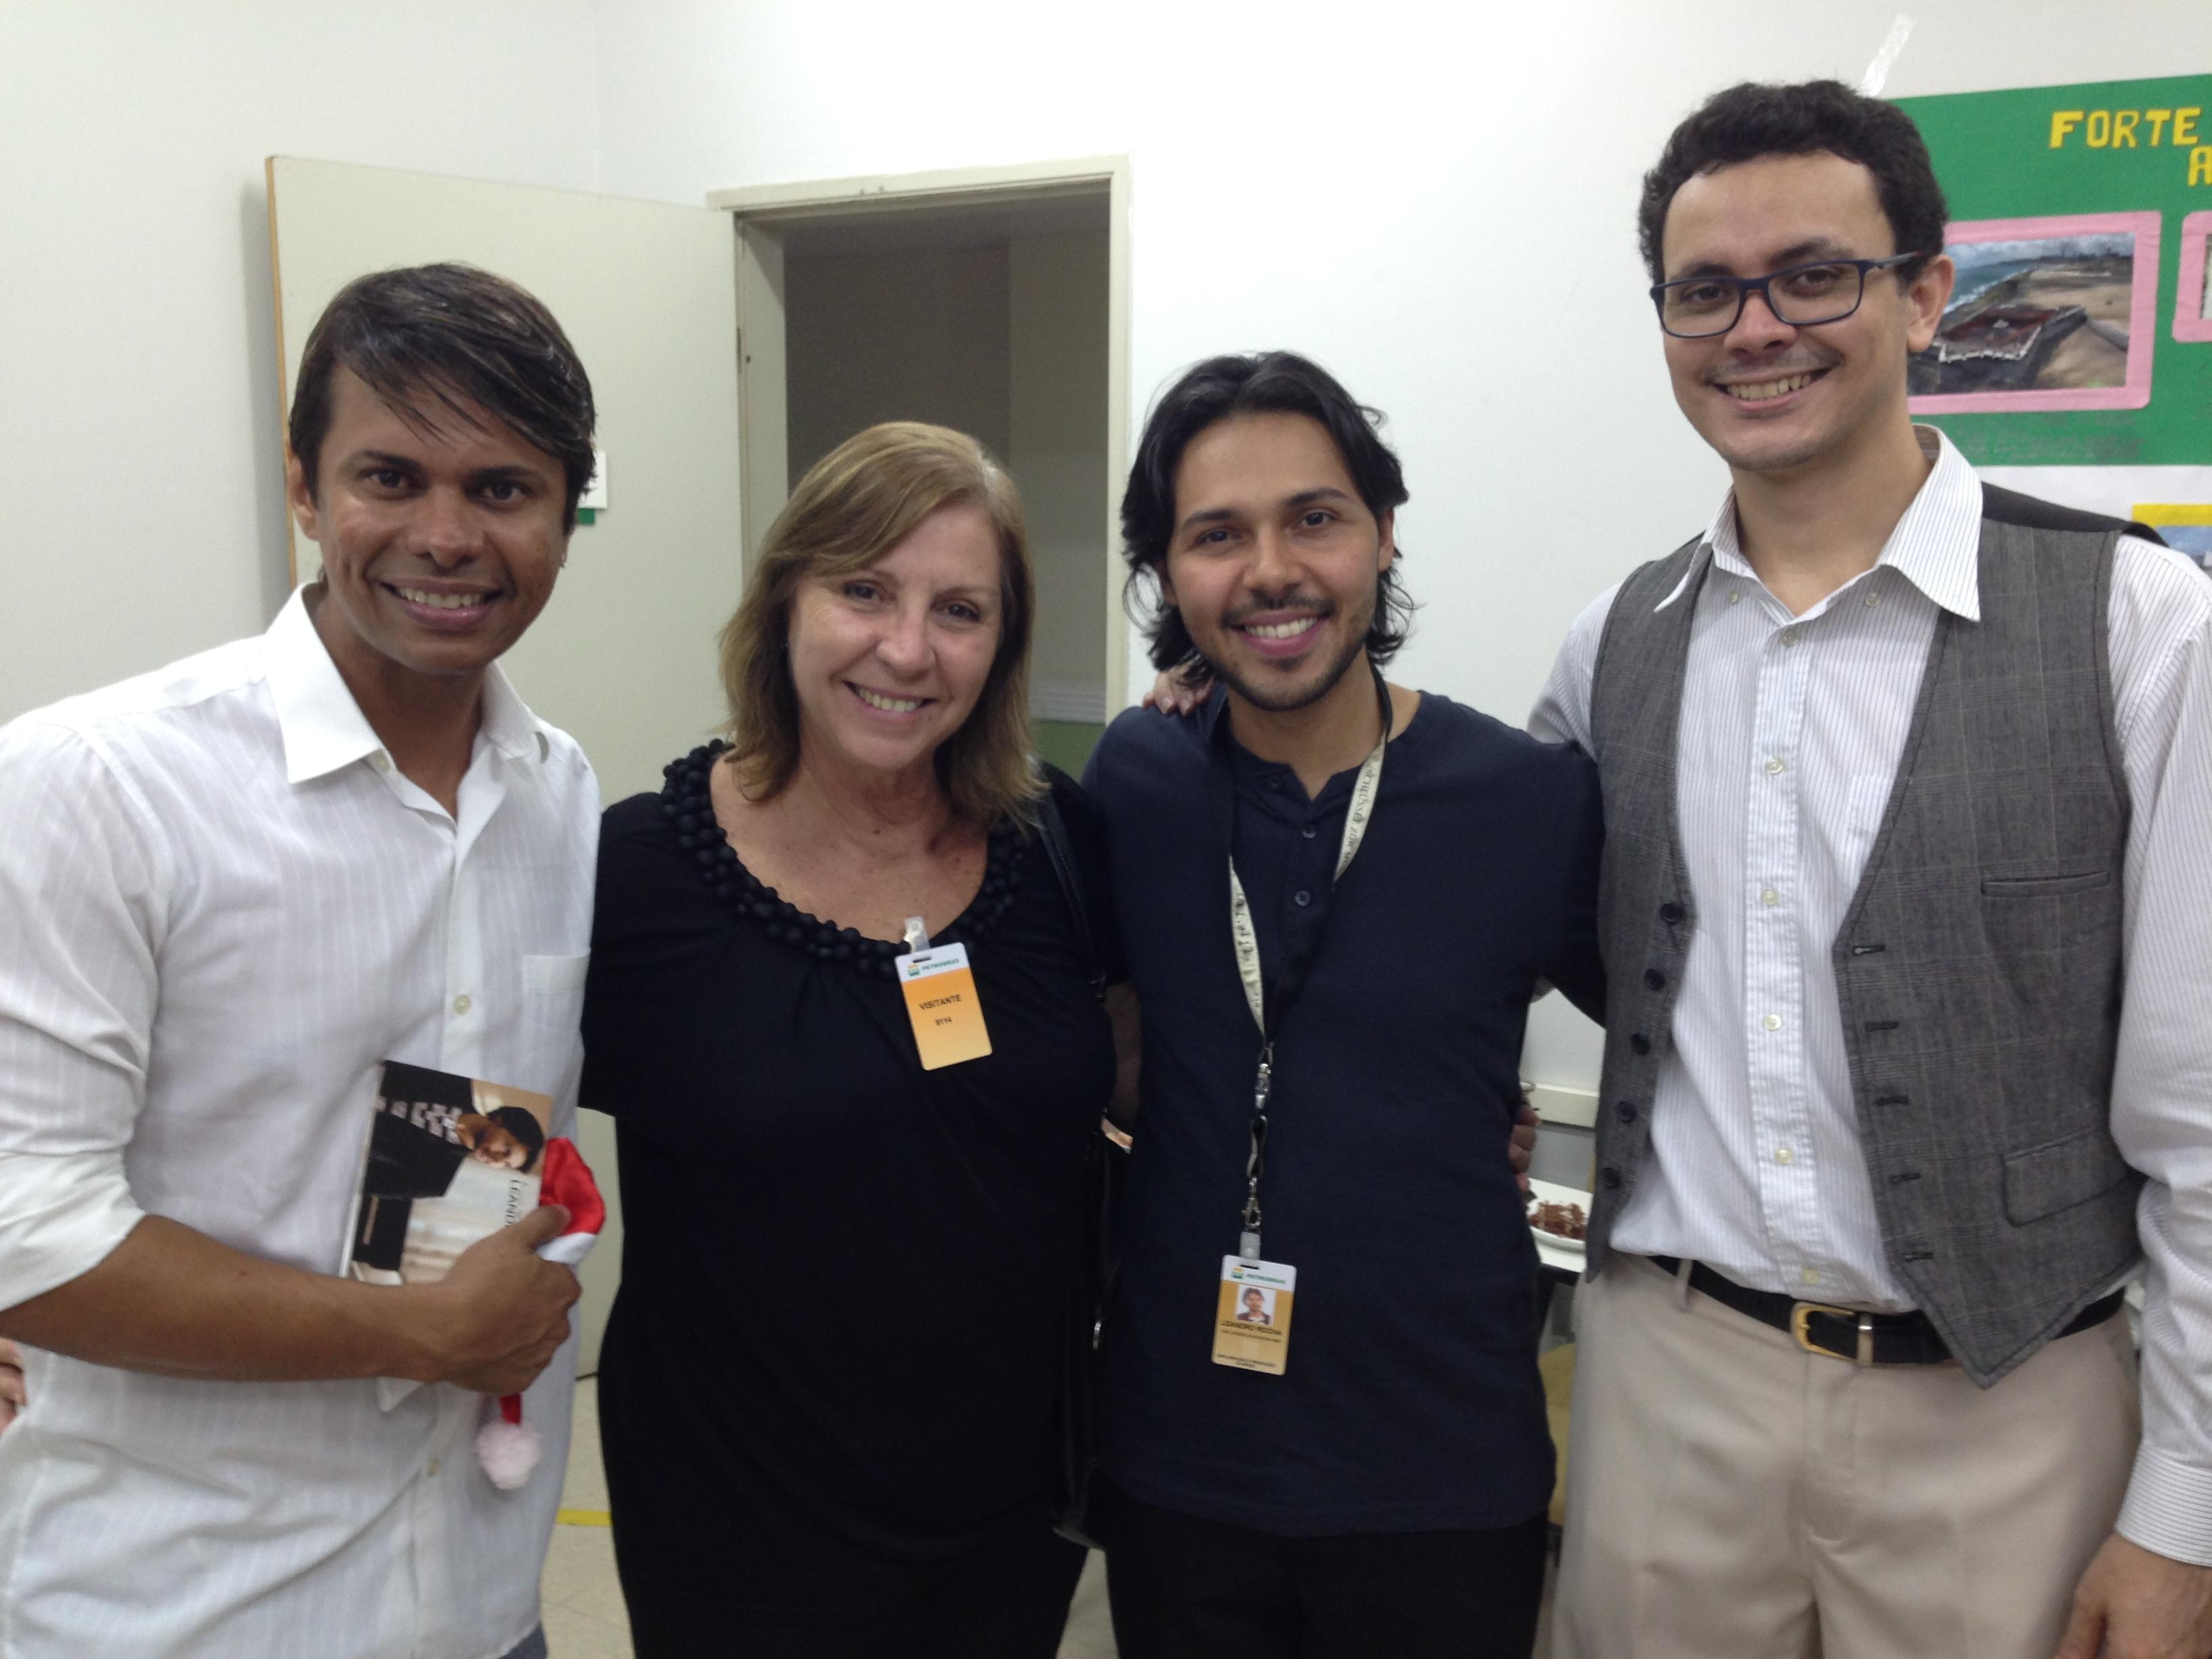 Diana Fontes,Leo Prata e Hárisson D.